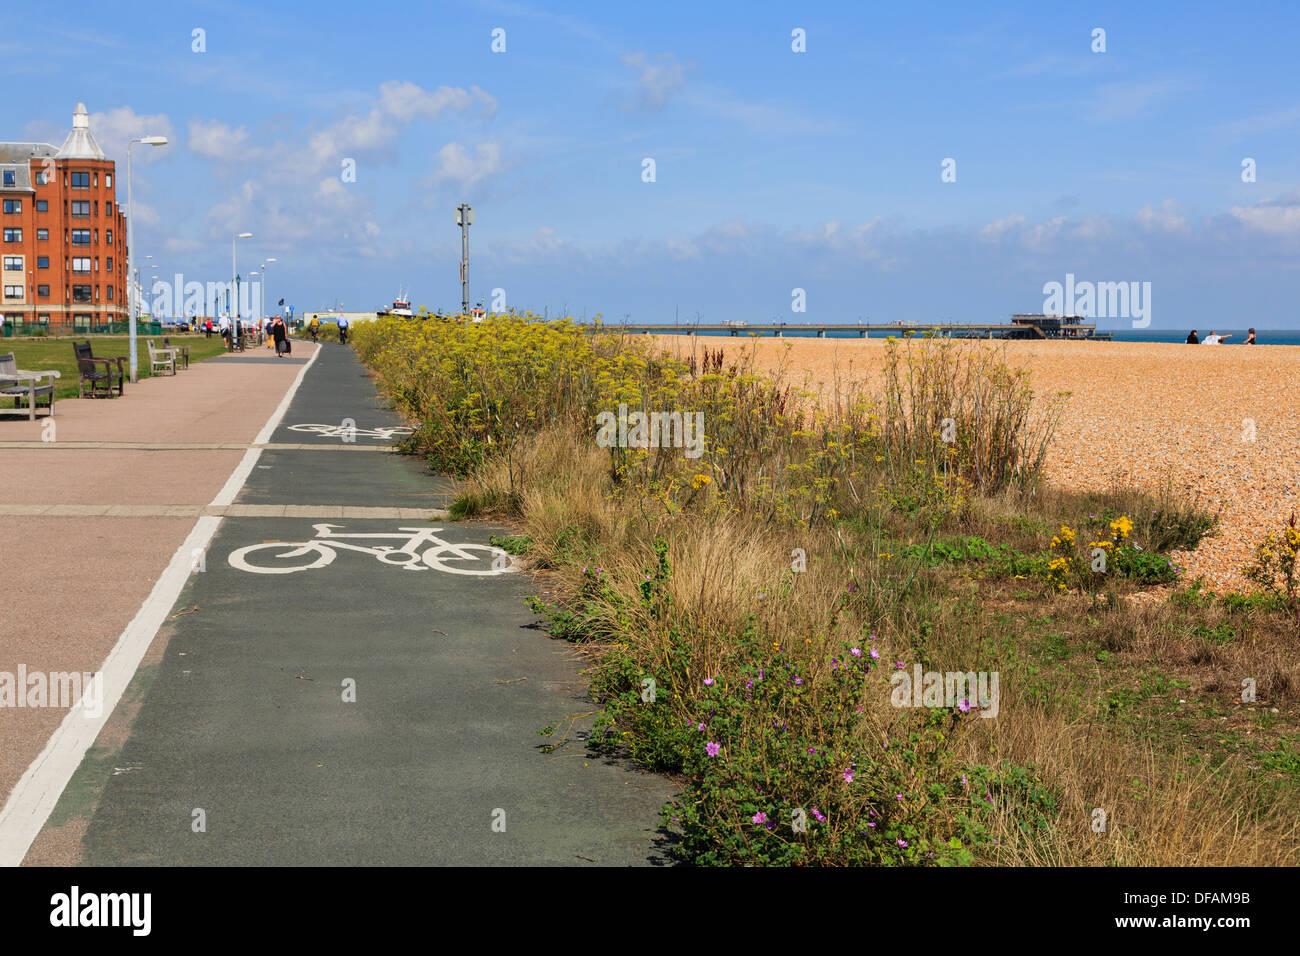 Ciclo nazionale di instradamento di rete 1 con il segno sul lungomare da Walmer beach a Deal, Kent, Inghilterra, Regno Unito, Gran Bretagna Immagini Stock